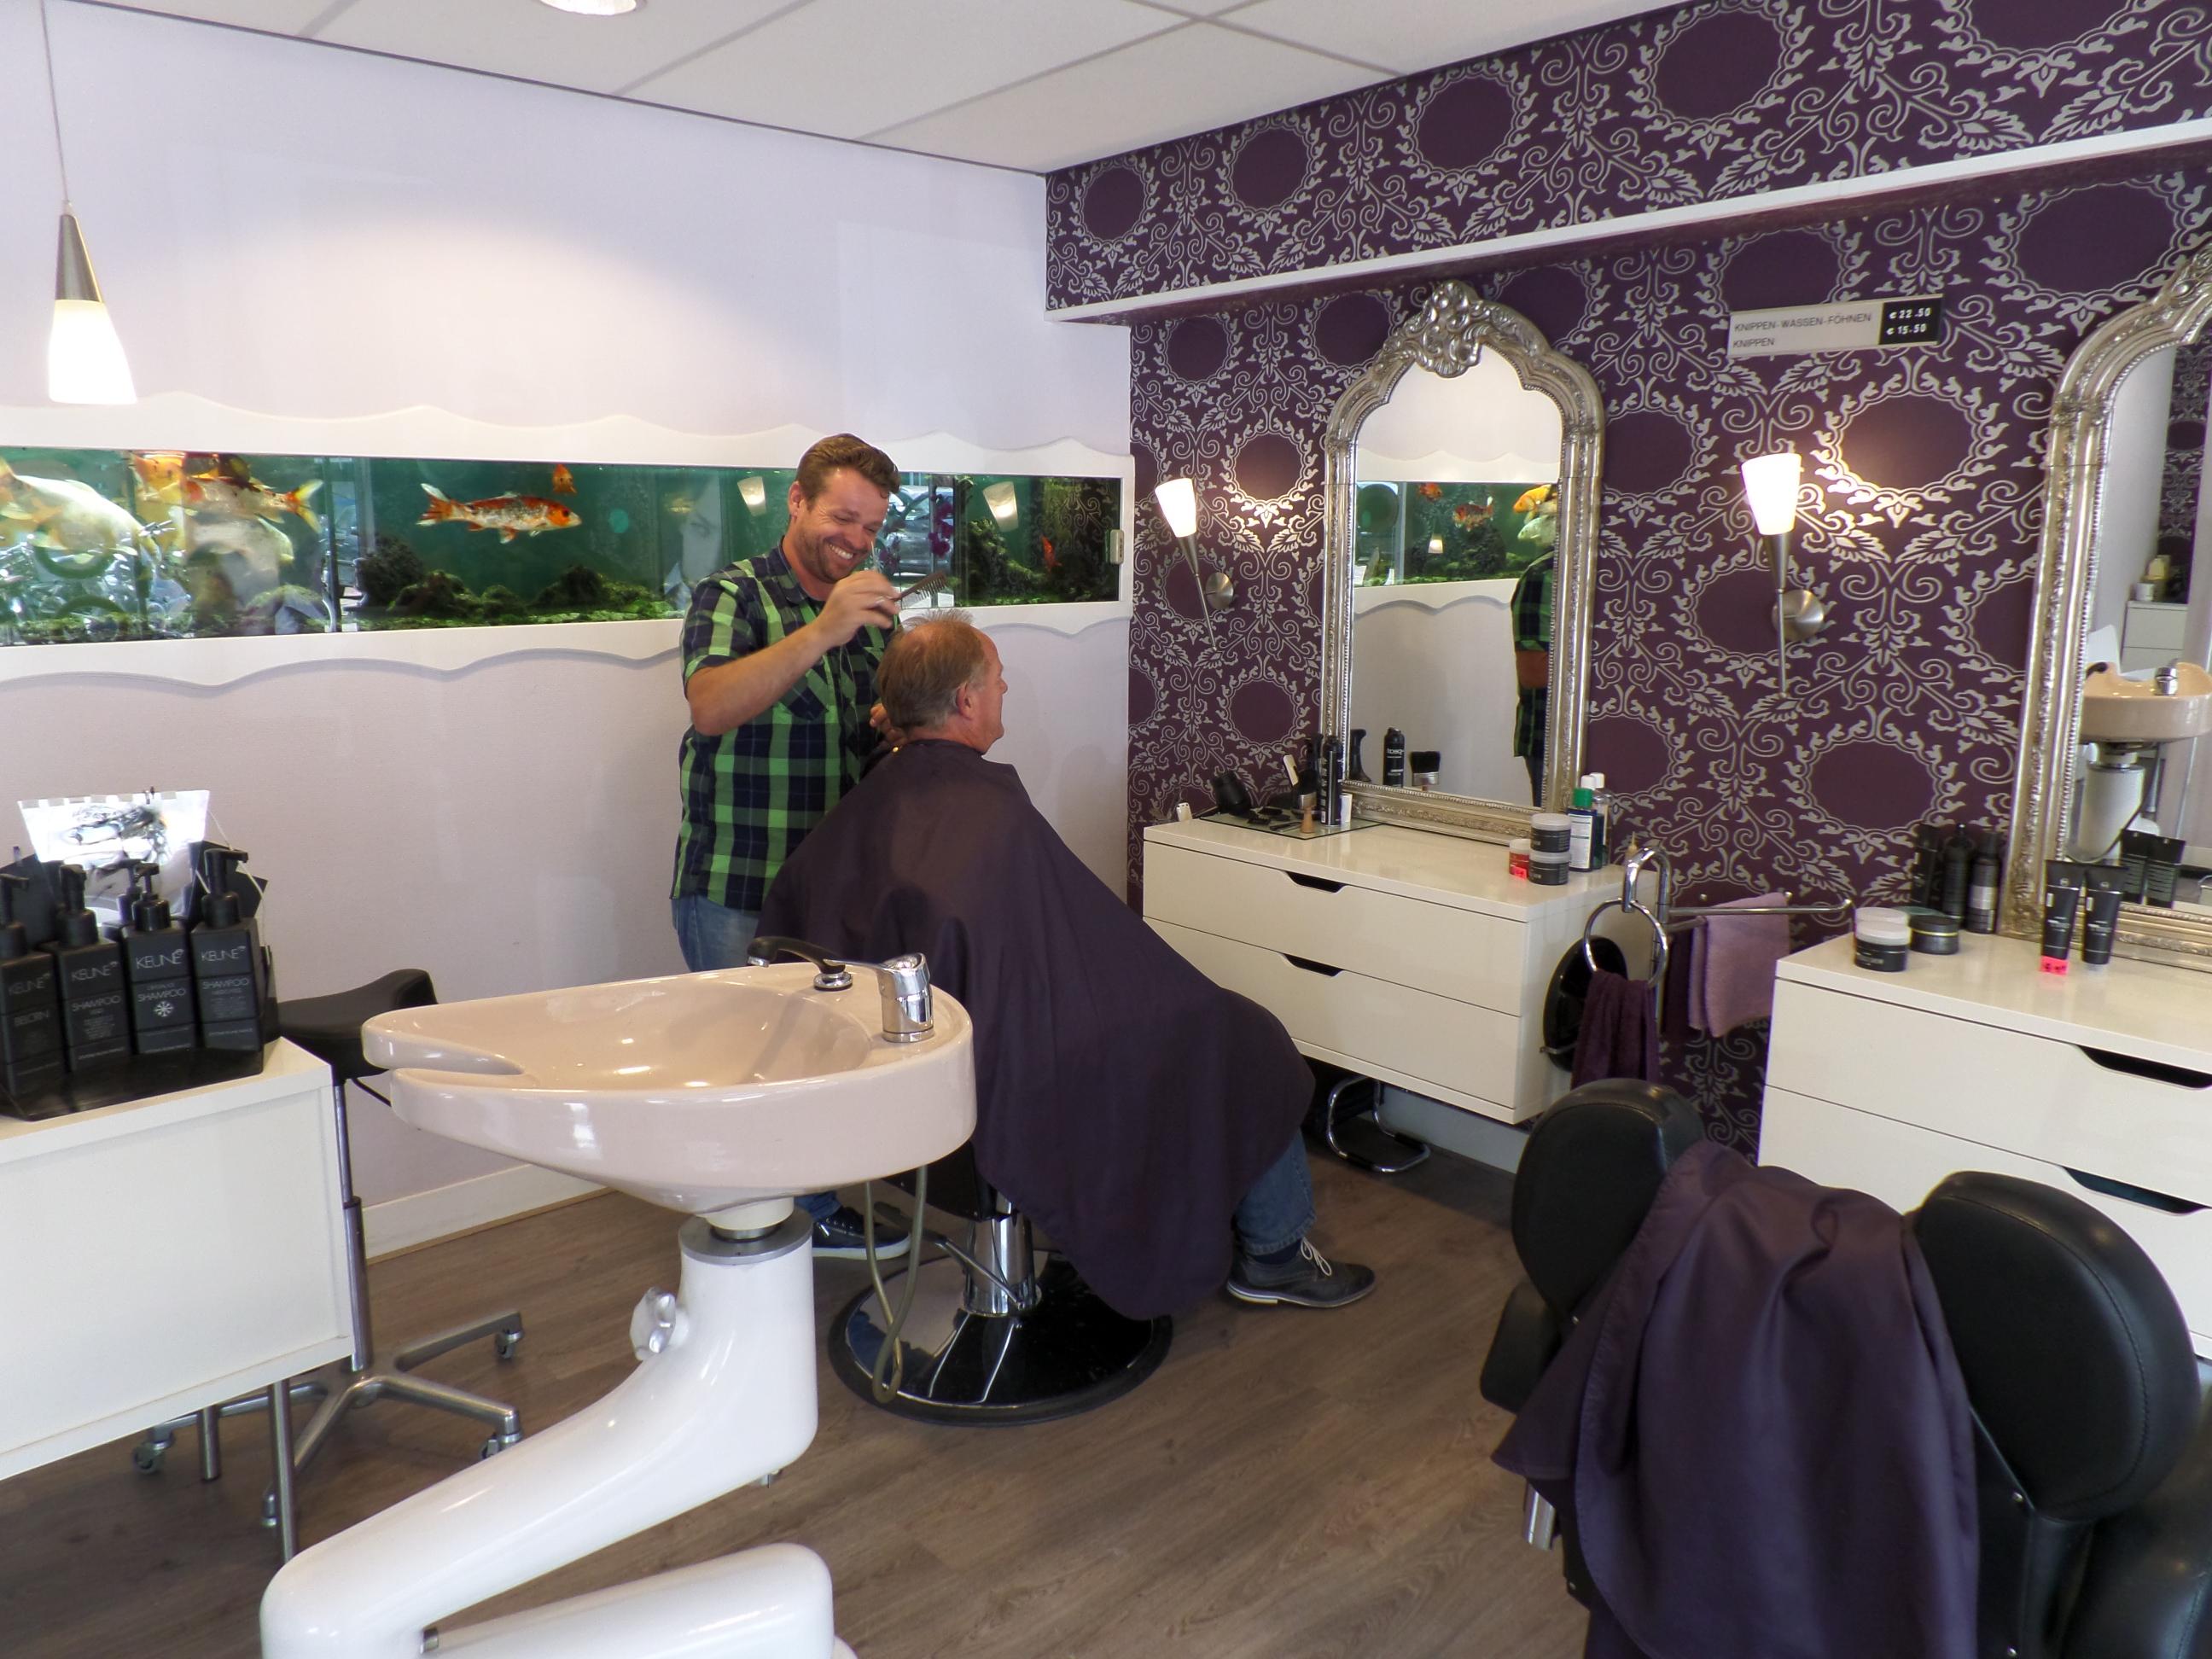 Winkelcentrum Vruchtenbuurt Vlierboomstraat appelstraat gezelligste buurt van nederland! | Salon Nam Tok | Thaise Massage Den Haag Loosduinen Waldeck Centrum Scheveningen Kijkduin Houtwijk Leyweg